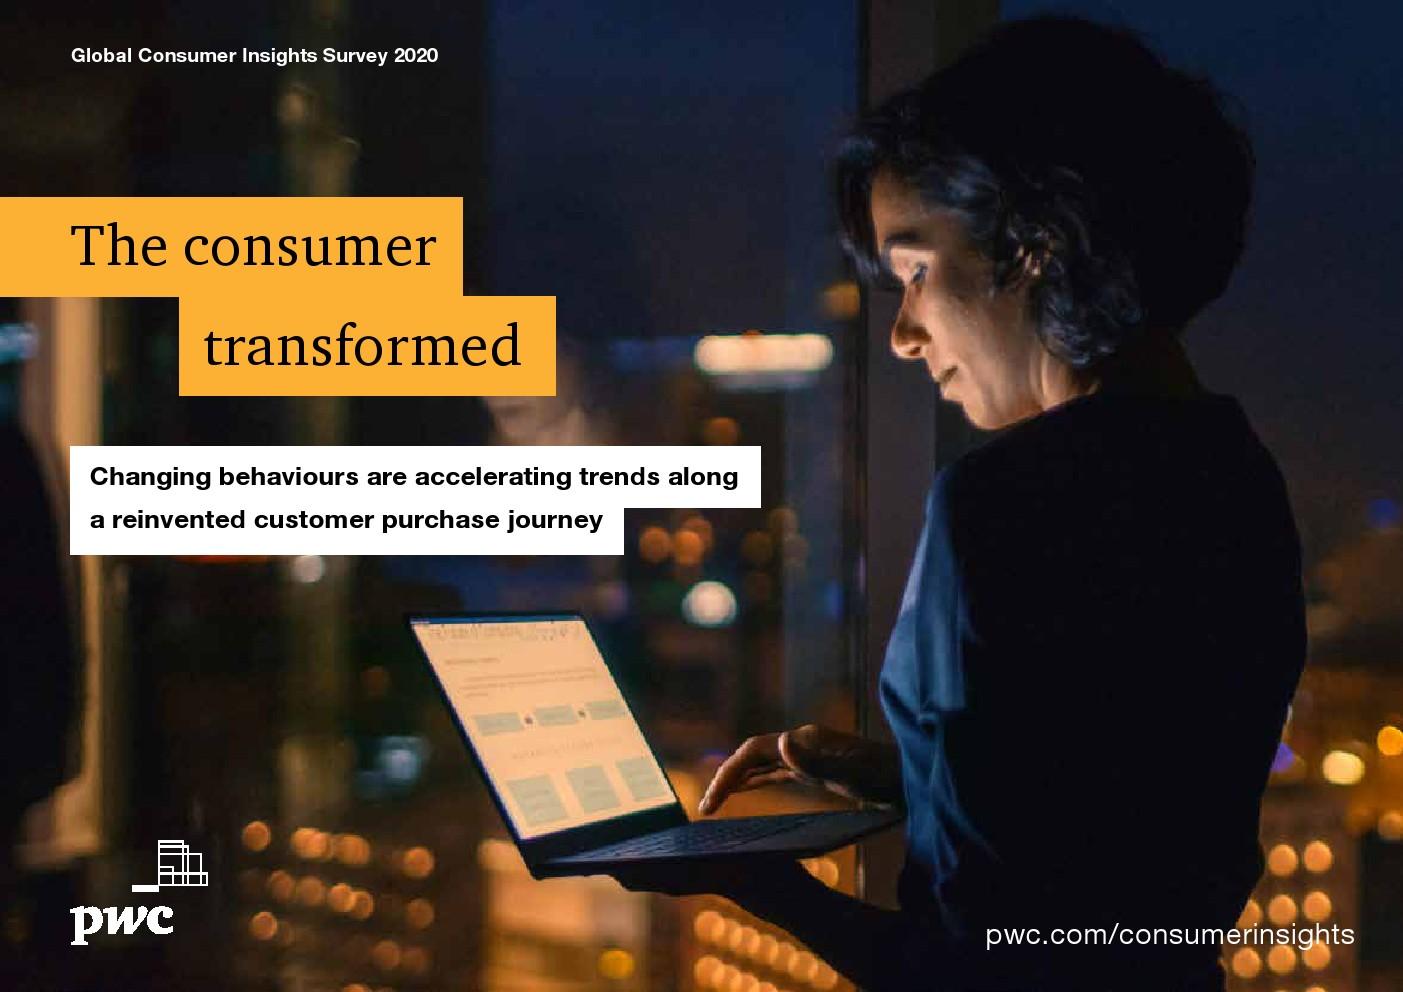 普华永道:2020年全球消费者调查报告